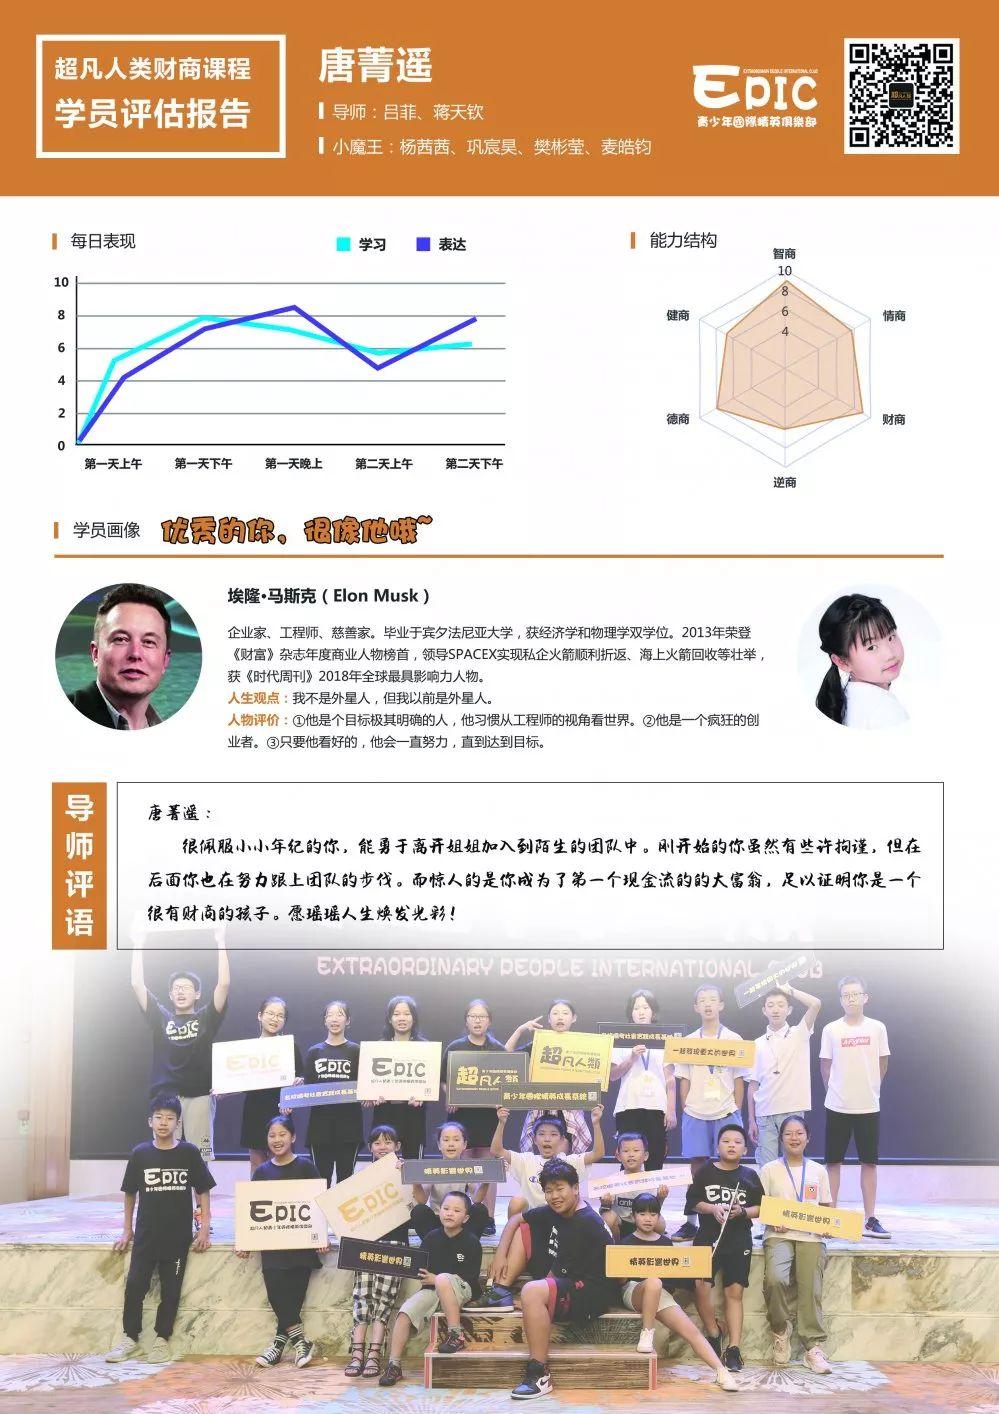 8岁超凡演讲者唐菁遥:不要等待机会,而要创造机会插图(3)